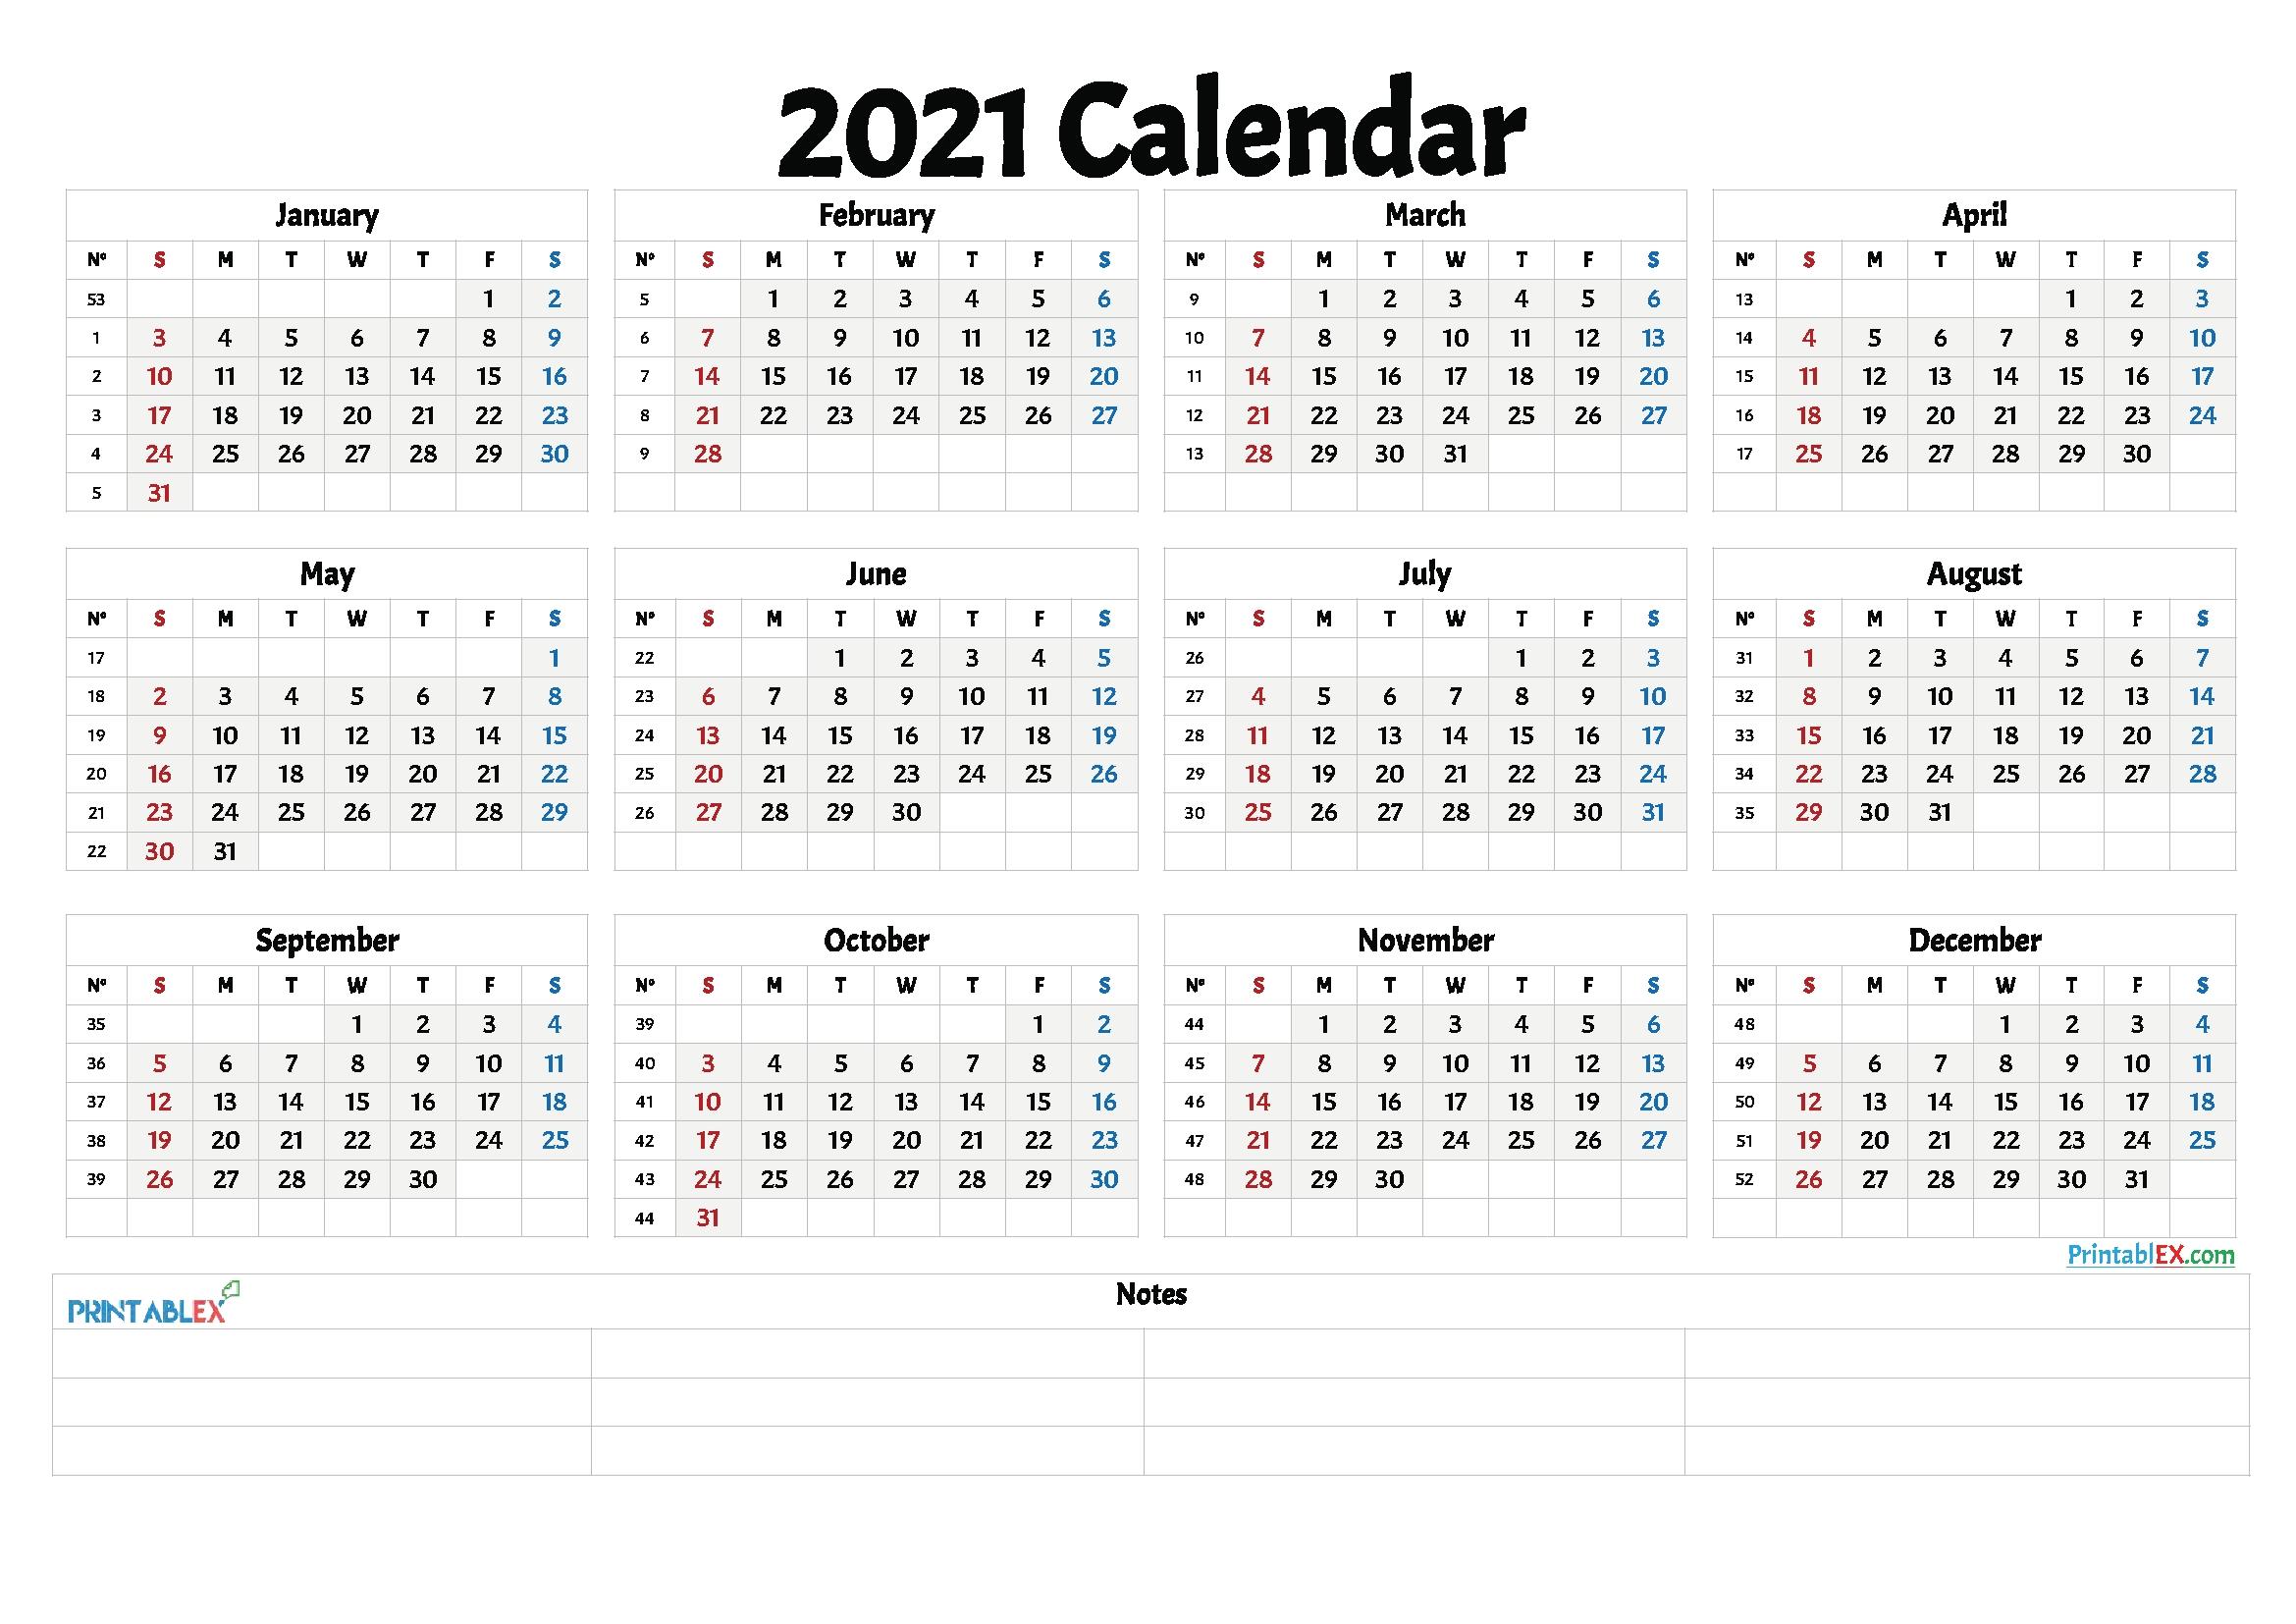 Week Calendar 2021 Pdf | Month Calendar Printable One Week Schedual Pdf